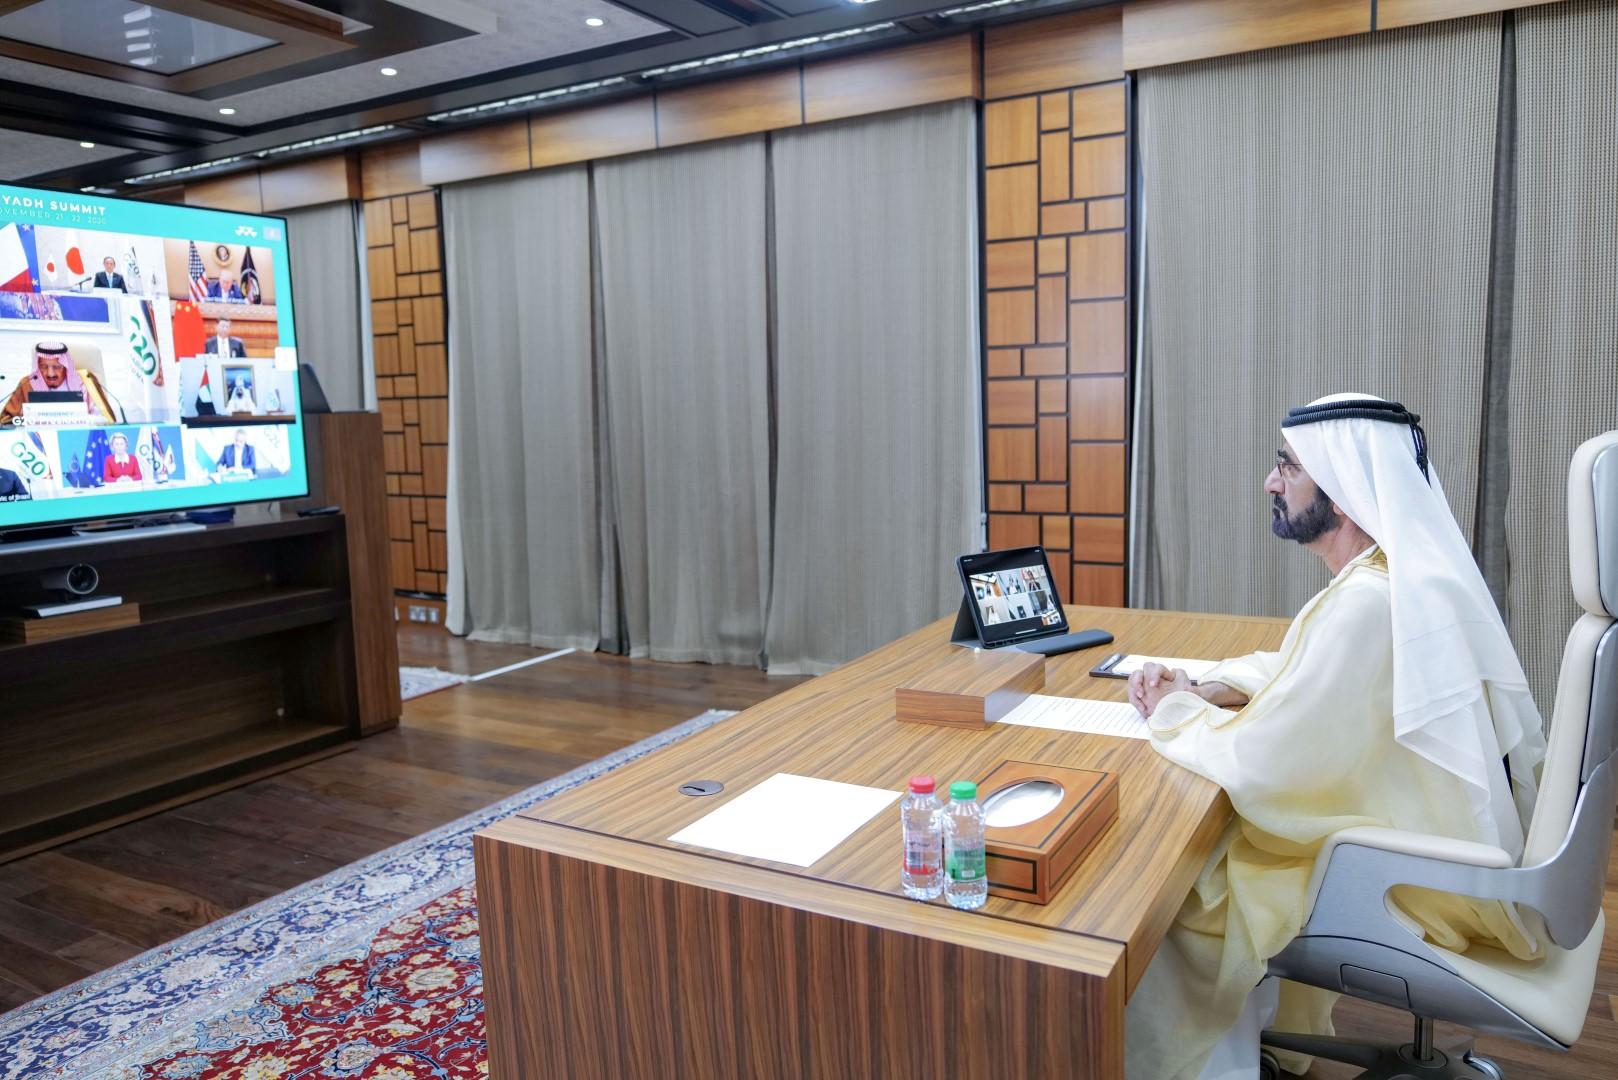 محمد بن راشد: العالم اليوم يمر بمرحلة استثنائية.. والعمل الجماعي أسرع طريق للتعافي